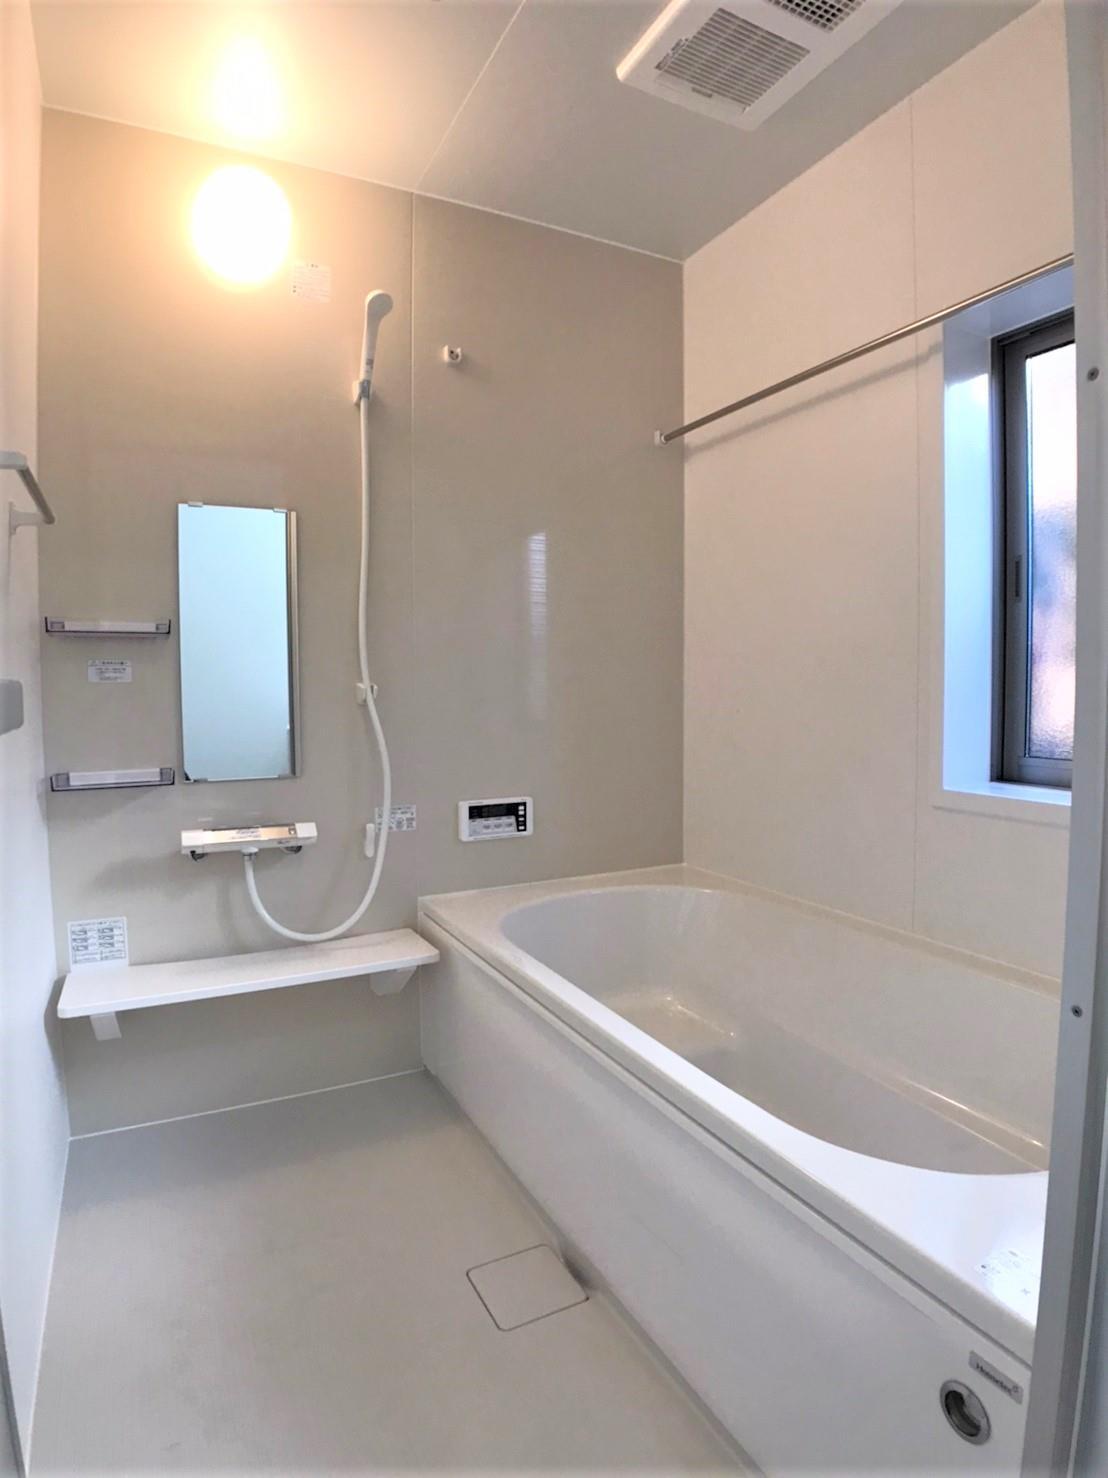 1号棟・バスルーム  ●1坪タイプのバスルームは脚が充分に伸ばせる広さ!エコベンチ浴槽で、半身浴もできます。浴室暖房乾燥機付なので冬でも暖かく、雨の日でも洗濯物を乾かすことができます♪